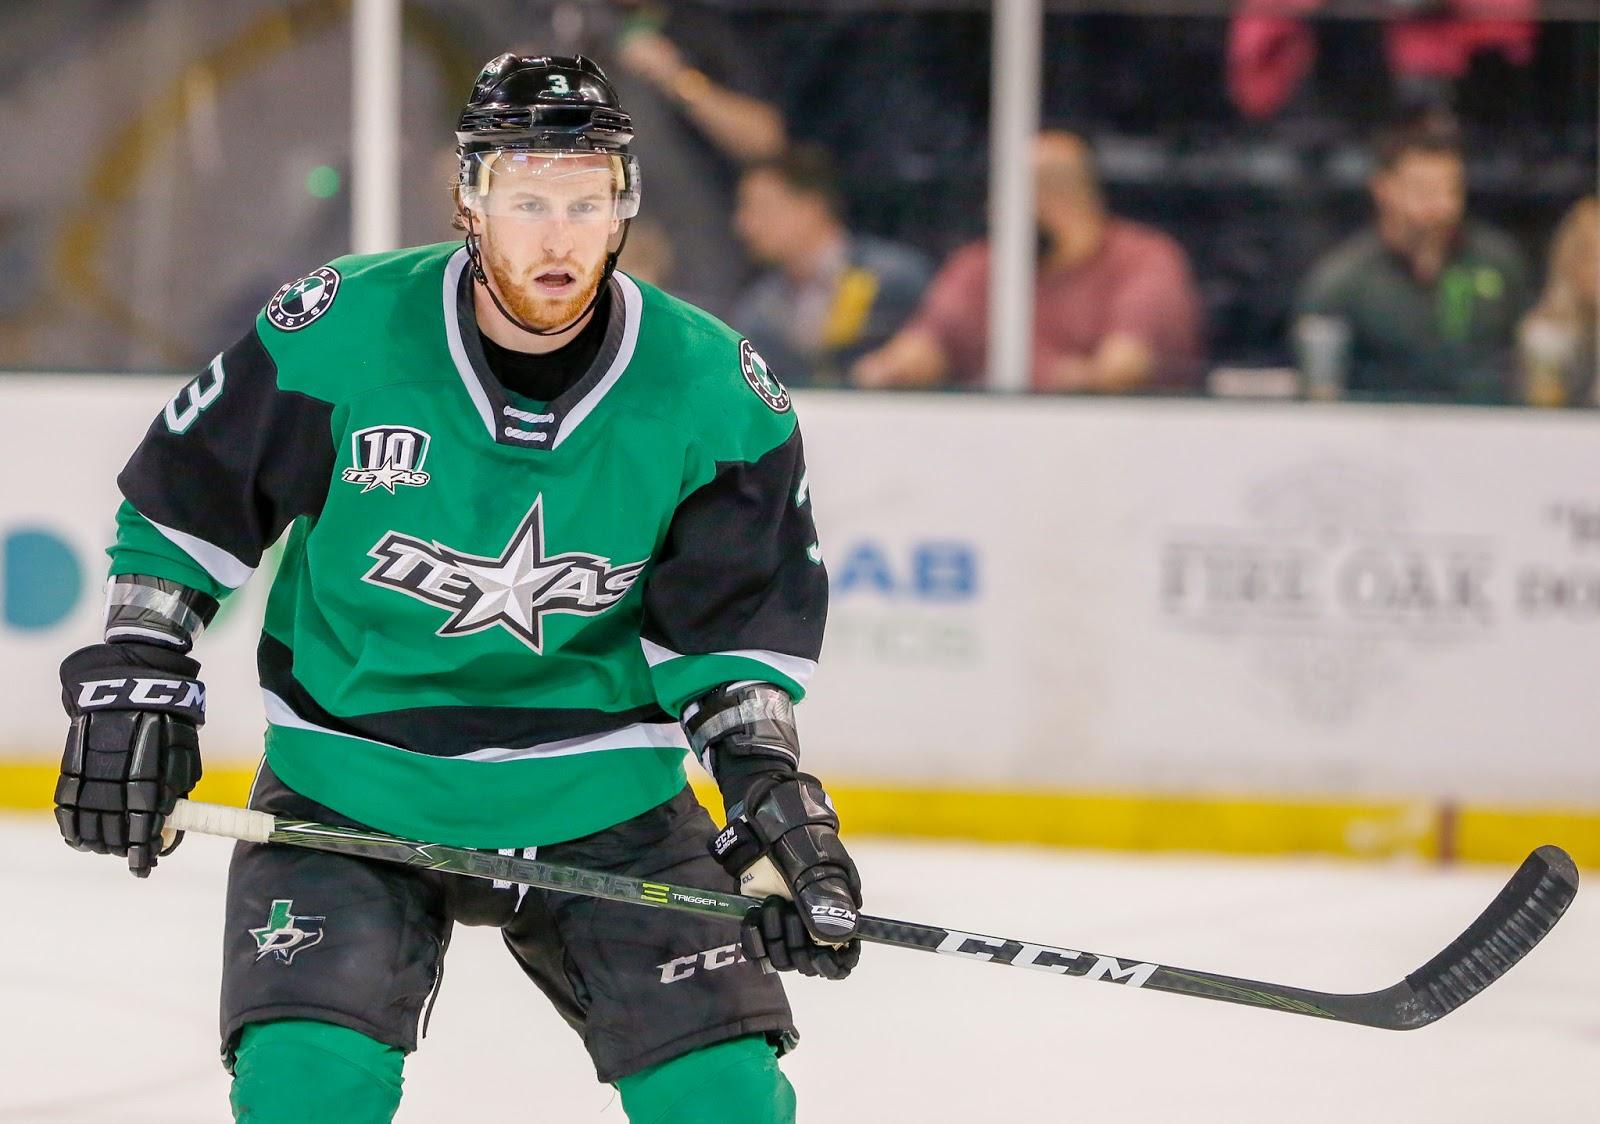 У хоккейного клуба «Барыс» новый защитник из Канады